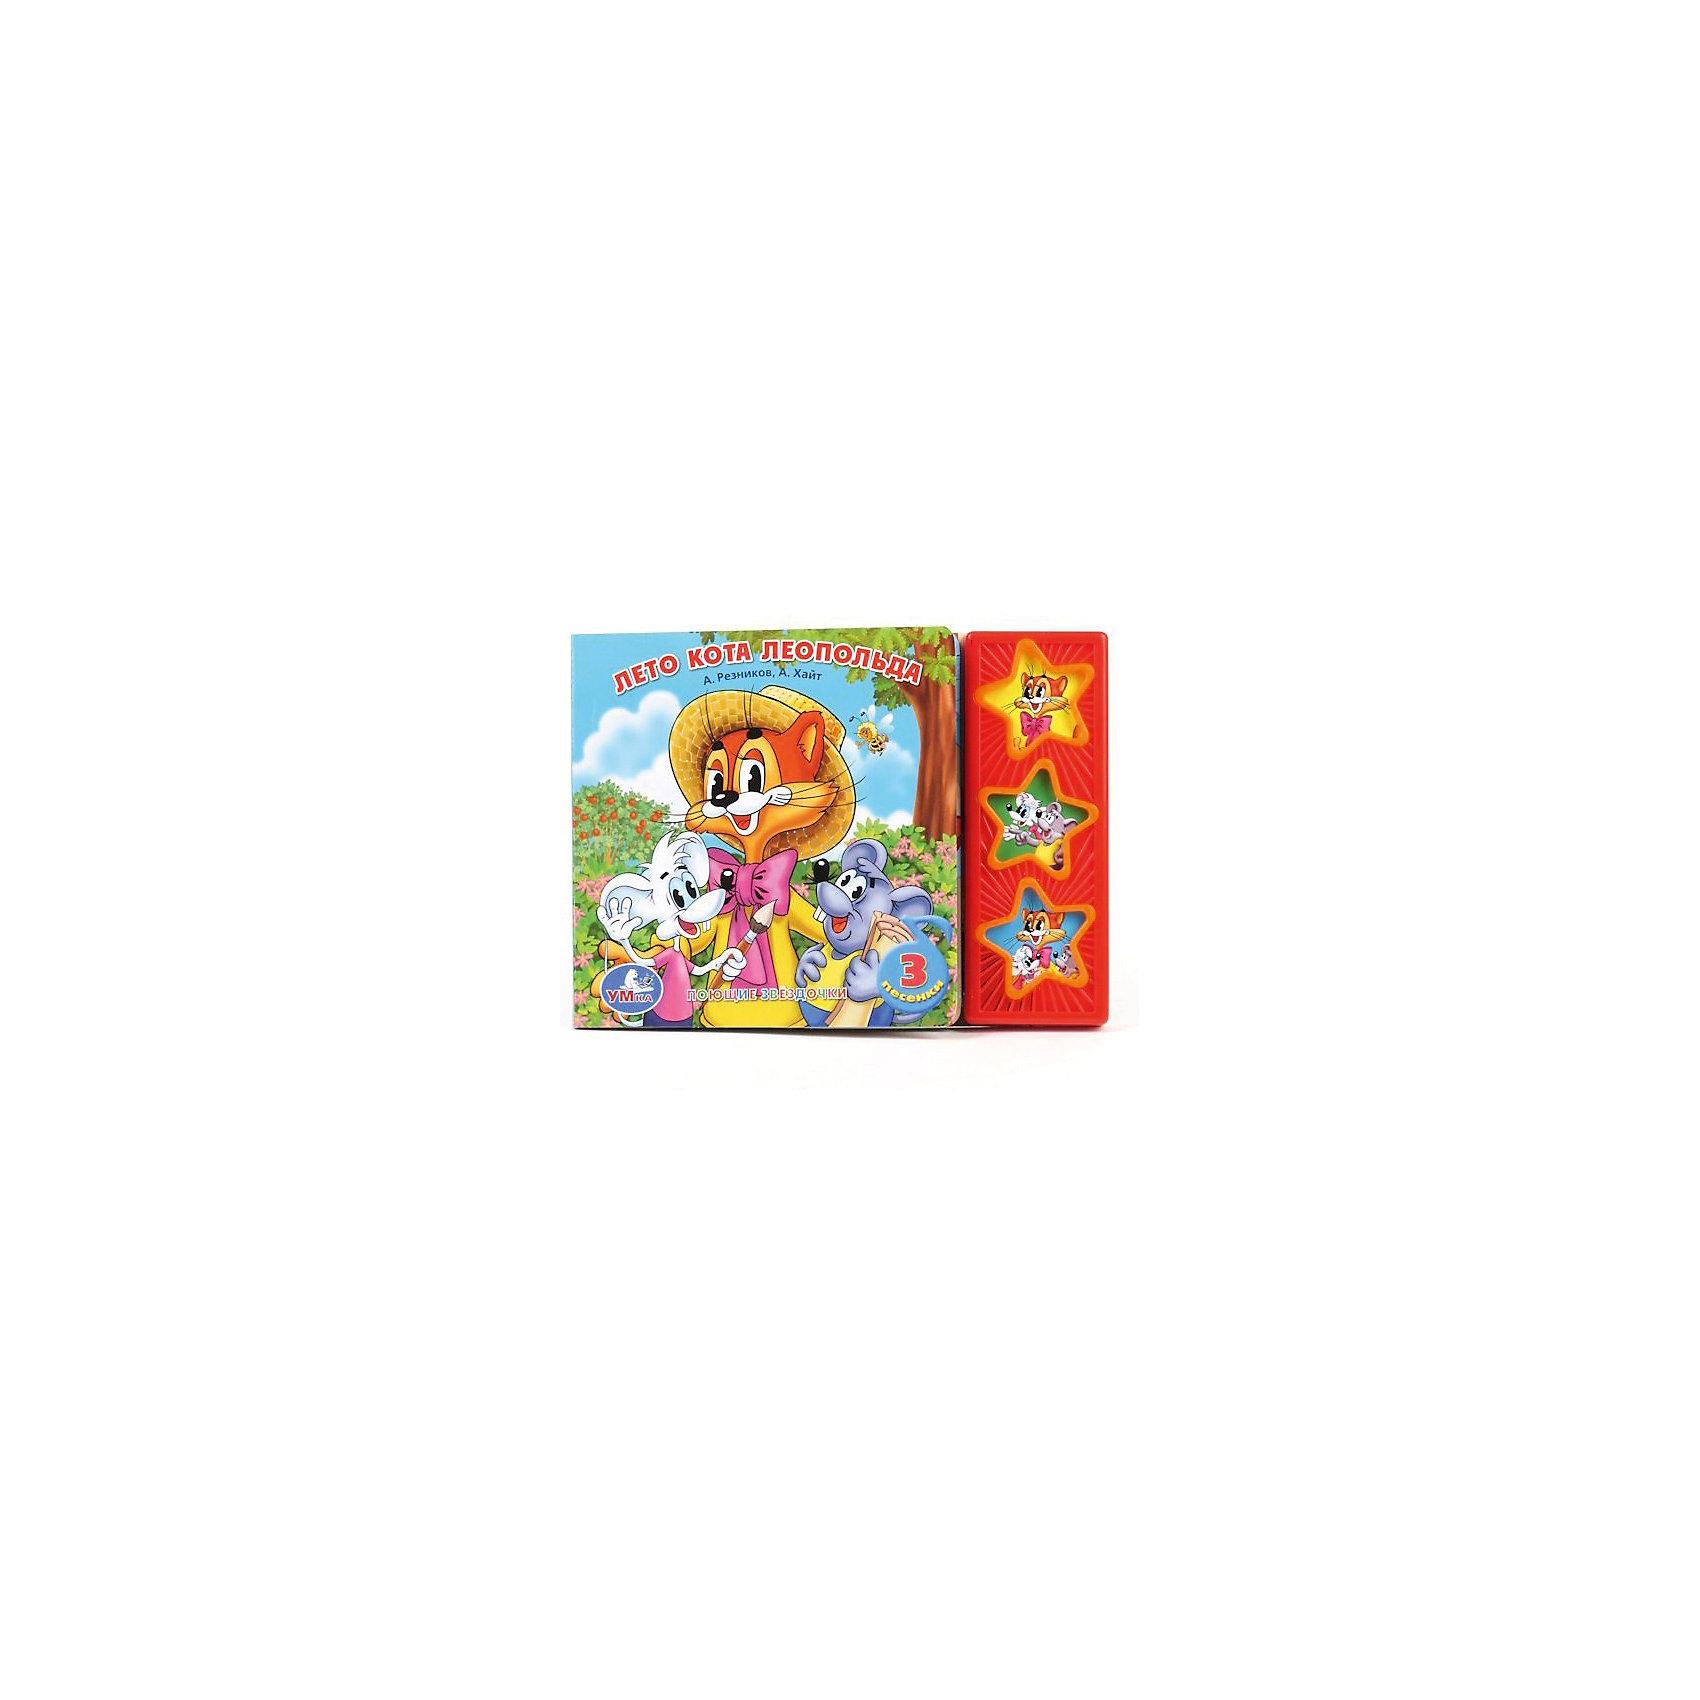 Книга с 3 кнопками Лето кота ЛеопольдаКнига с 3 кнопками Лето кота Леопольда - это красочная картонная книга со звуковым модулем.<br>Музыкальная книга Лето кота Леопольда издана по мотивам популярного отечественного мультфильма. Она расскажет малышу увлекательную историю о летних приключениях кота Леопольда и мышат. Книга оснащена звуковым модулем, благодаря которому ребенок сможет прослушать три песни из любимого мультфильма. Яркие цвета, красивые картинки и удобные страницы обязательно понравятся малышу. Формат книги идеально подходит для маленьких детских рук, страницы из плотного картона не так просто помять или порвать. Книга развивает у ребенка интерес к чтению, слуховое и зрительное восприятие, мелкую моторику.<br><br>Дополнительная информация:<br><br>- Автор: Александр Хайт<br>- Иллюстратор: Дмитрий Букин<br>- Издательство: Умка<br>- Тип обложки: картон<br>- Звуковой модуль: 3 кнопки с 3 песенками<br>- Иллюстрации: цветные<br>- Количество страниц: 6 (картон)<br>- Батарейки: 3 типа LR44 (входят в комплект)<br>- Размер: 210х150х20 мм.<br>- Вес: 200 гр.<br><br>Книгу с 3 кнопками Лето кота Леопольда можно купить в нашем интернет-магазине.<br><br>Ширина мм: 210<br>Глубина мм: 150<br>Высота мм: 20<br>Вес г: 200<br>Возраст от месяцев: 36<br>Возраст до месяцев: 2147483647<br>Пол: Унисекс<br>Возраст: Детский<br>SKU: 4578992